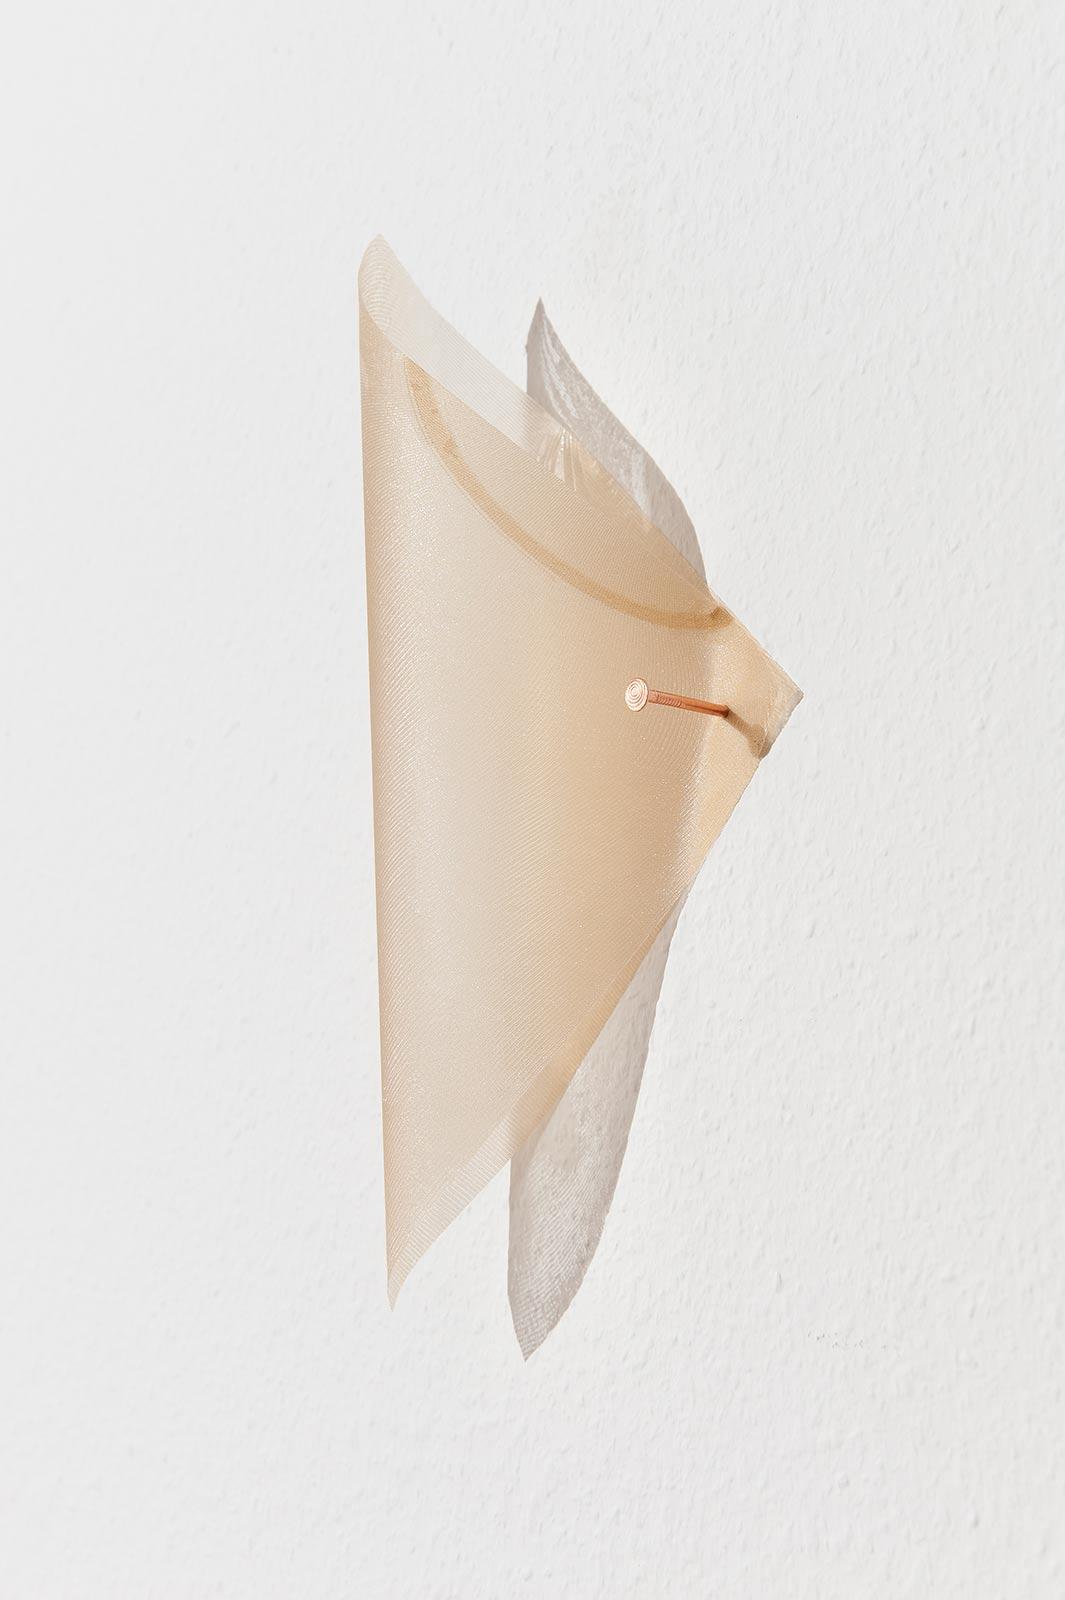 Rechteckig geschnittenes Strumpfgewebe mit Epoxidharz, das mit Kupfernägel an der Wand hängt